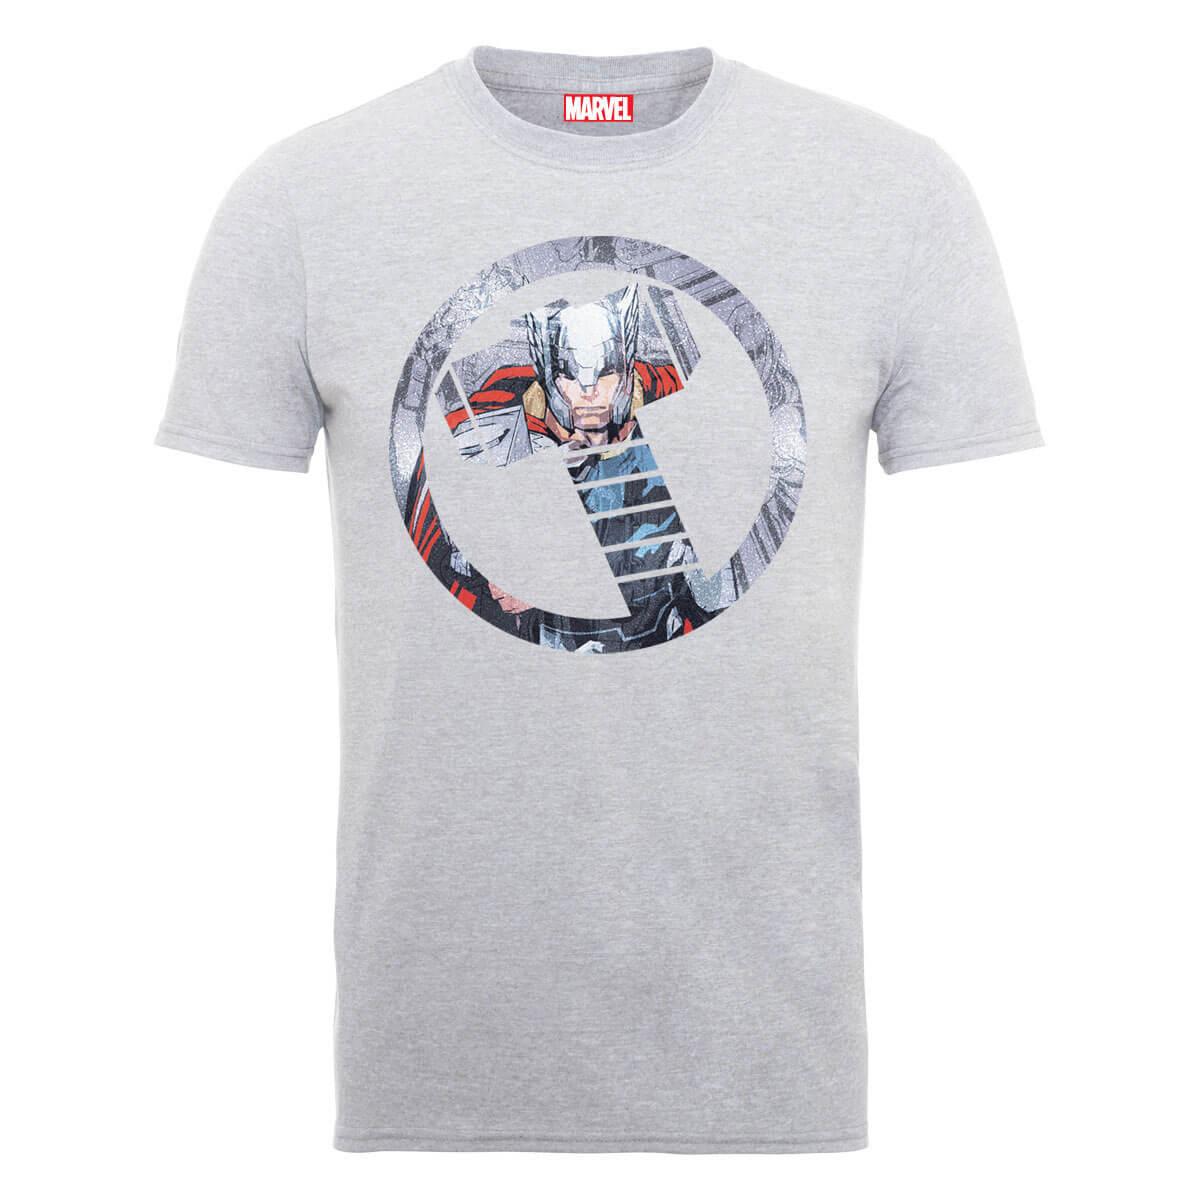 Marvel Avengers Assemble Thor Montage T-Shirt - Grau - M - Grau